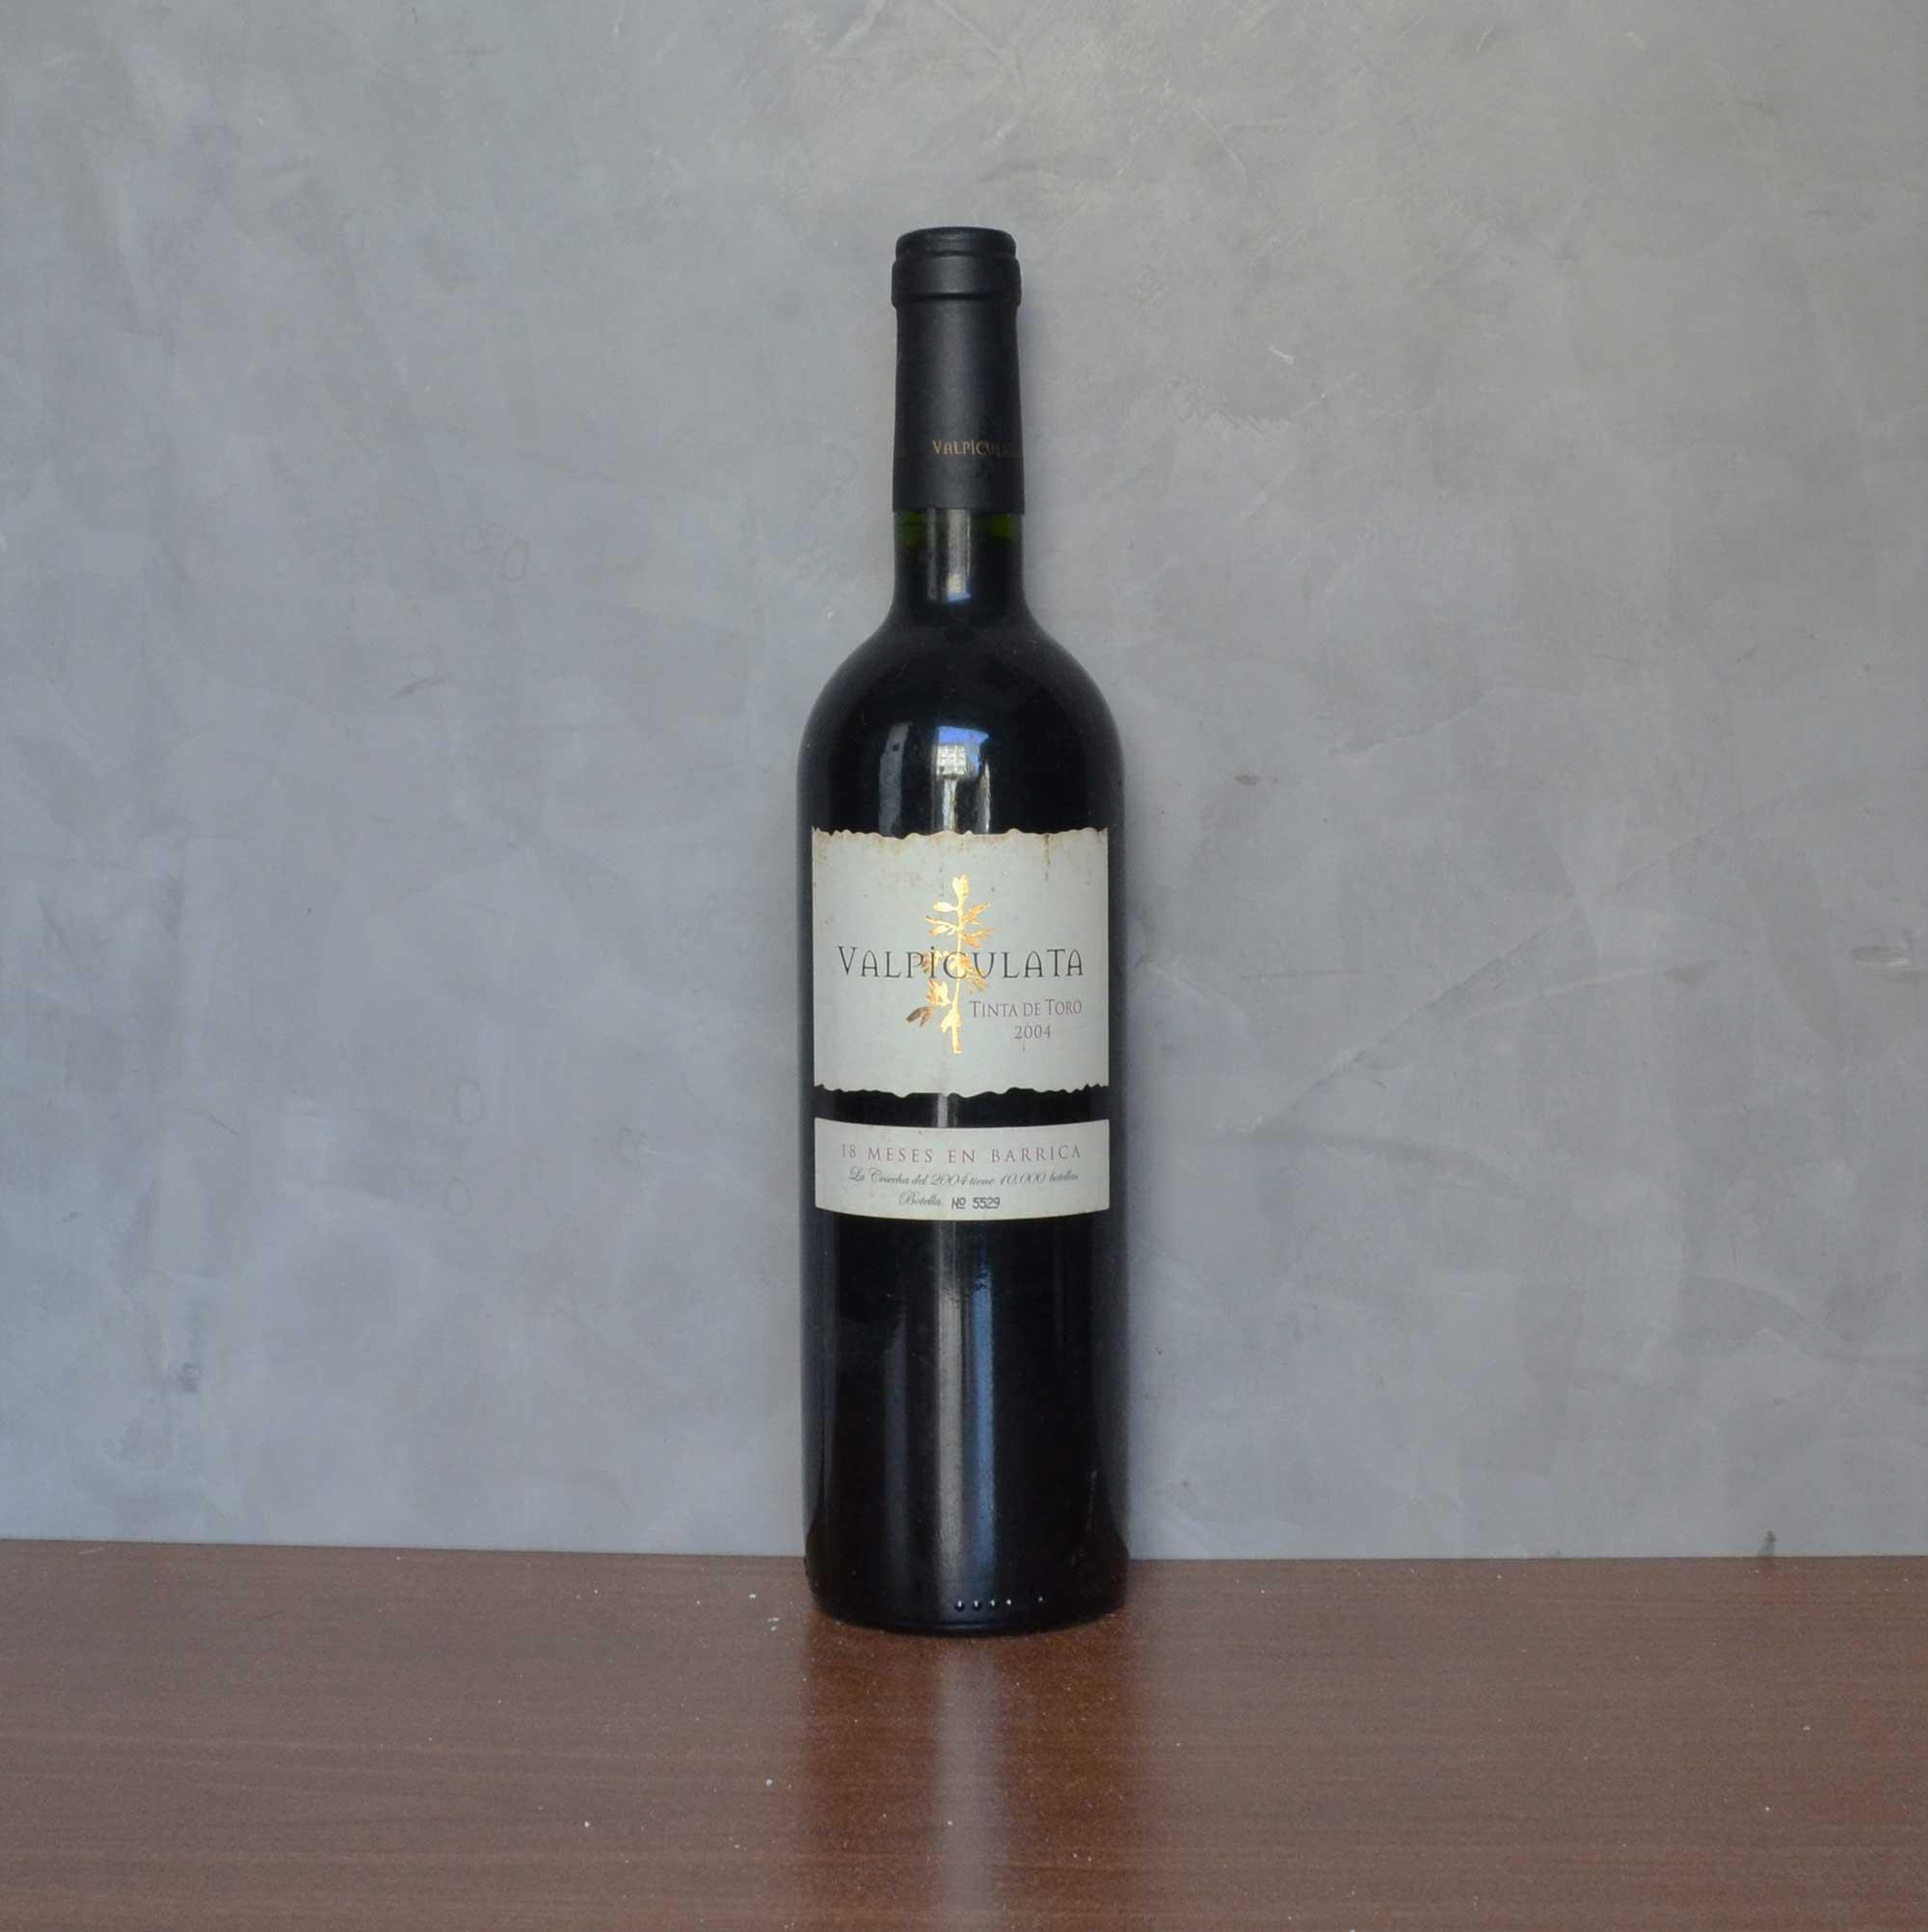 Valpiculata tinta de toro 2004